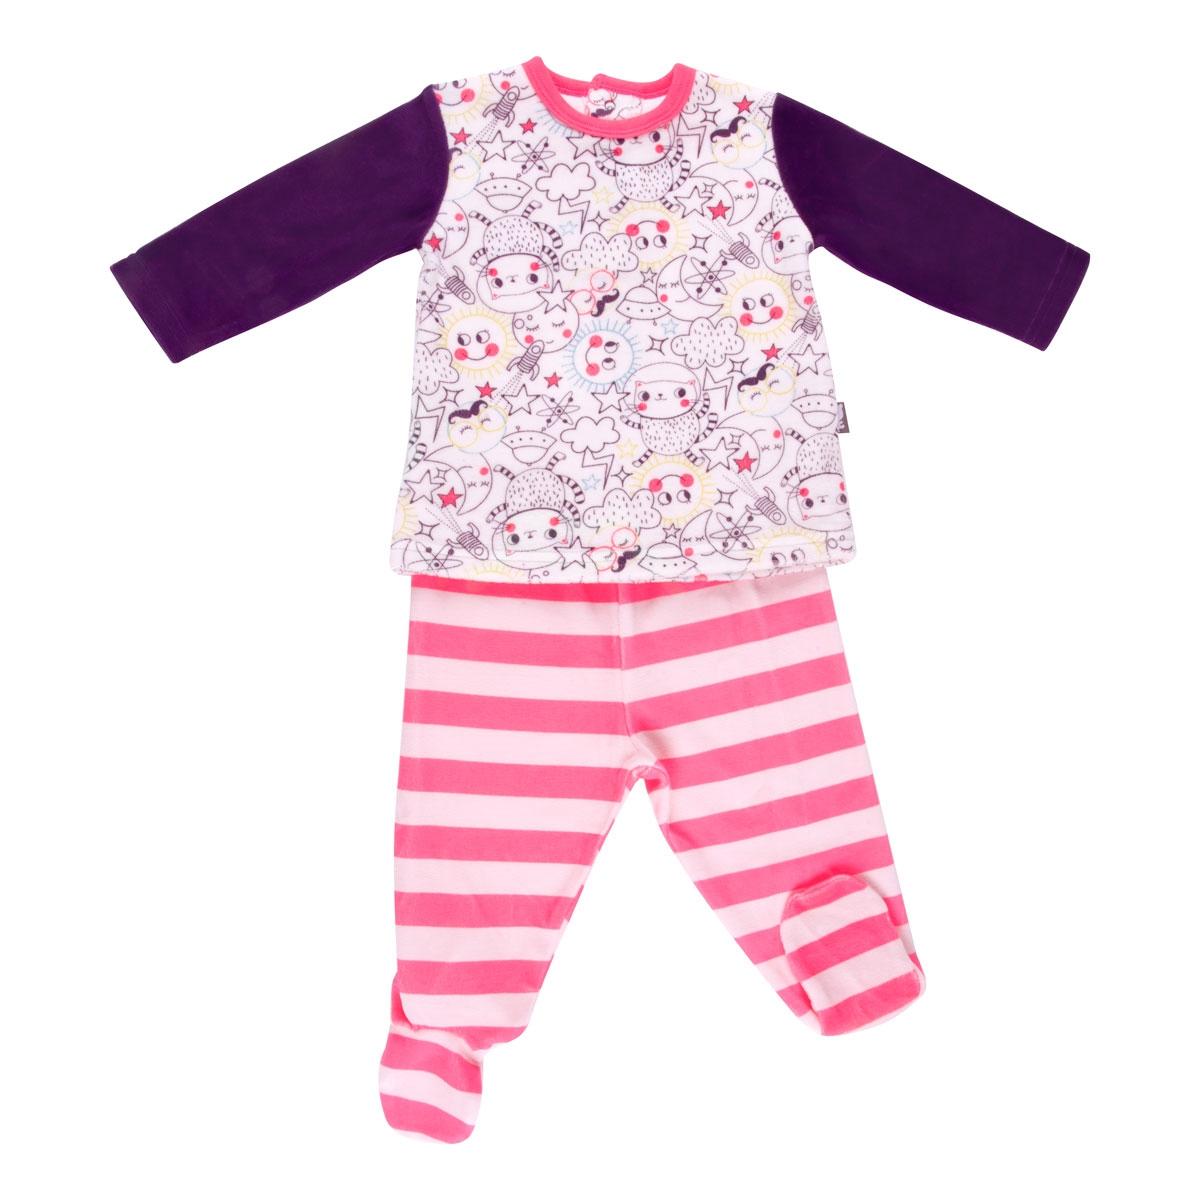 b3eec07a81a00 Pyjama bébé 2 pièces velours avec pieds Rêveuse - PETIT BEGUIN